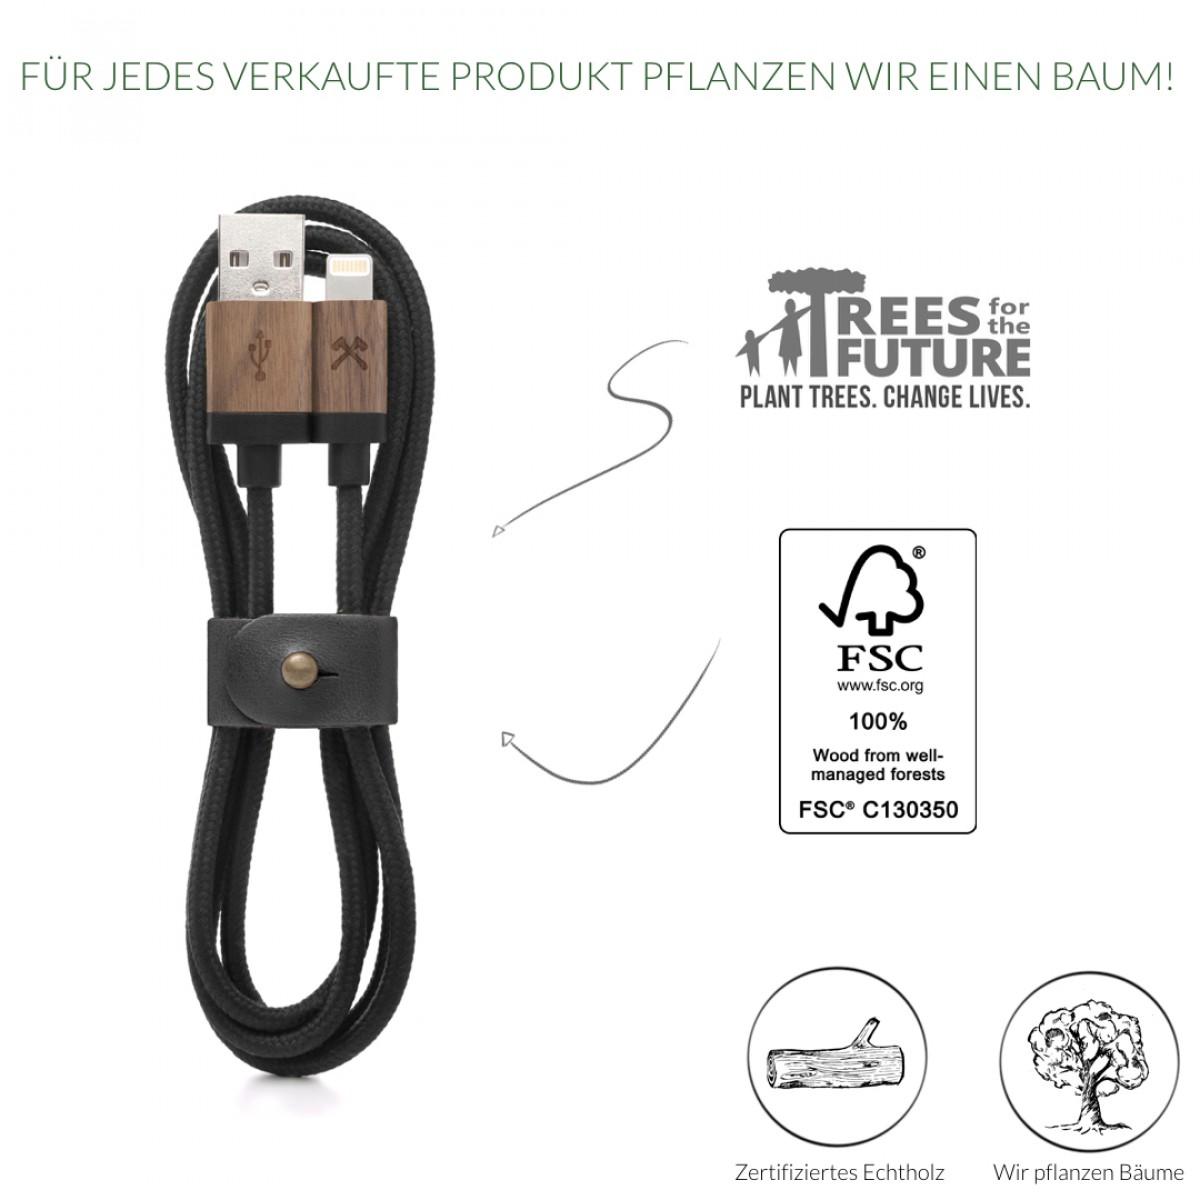 Woodcessories - EcoCable - Design Ladekabel, Kabel (Mfi Apple zert.) für Apple Lightning Produkte aus FSC-zert. Holz & Nylon (Walnuss, Schwarz)